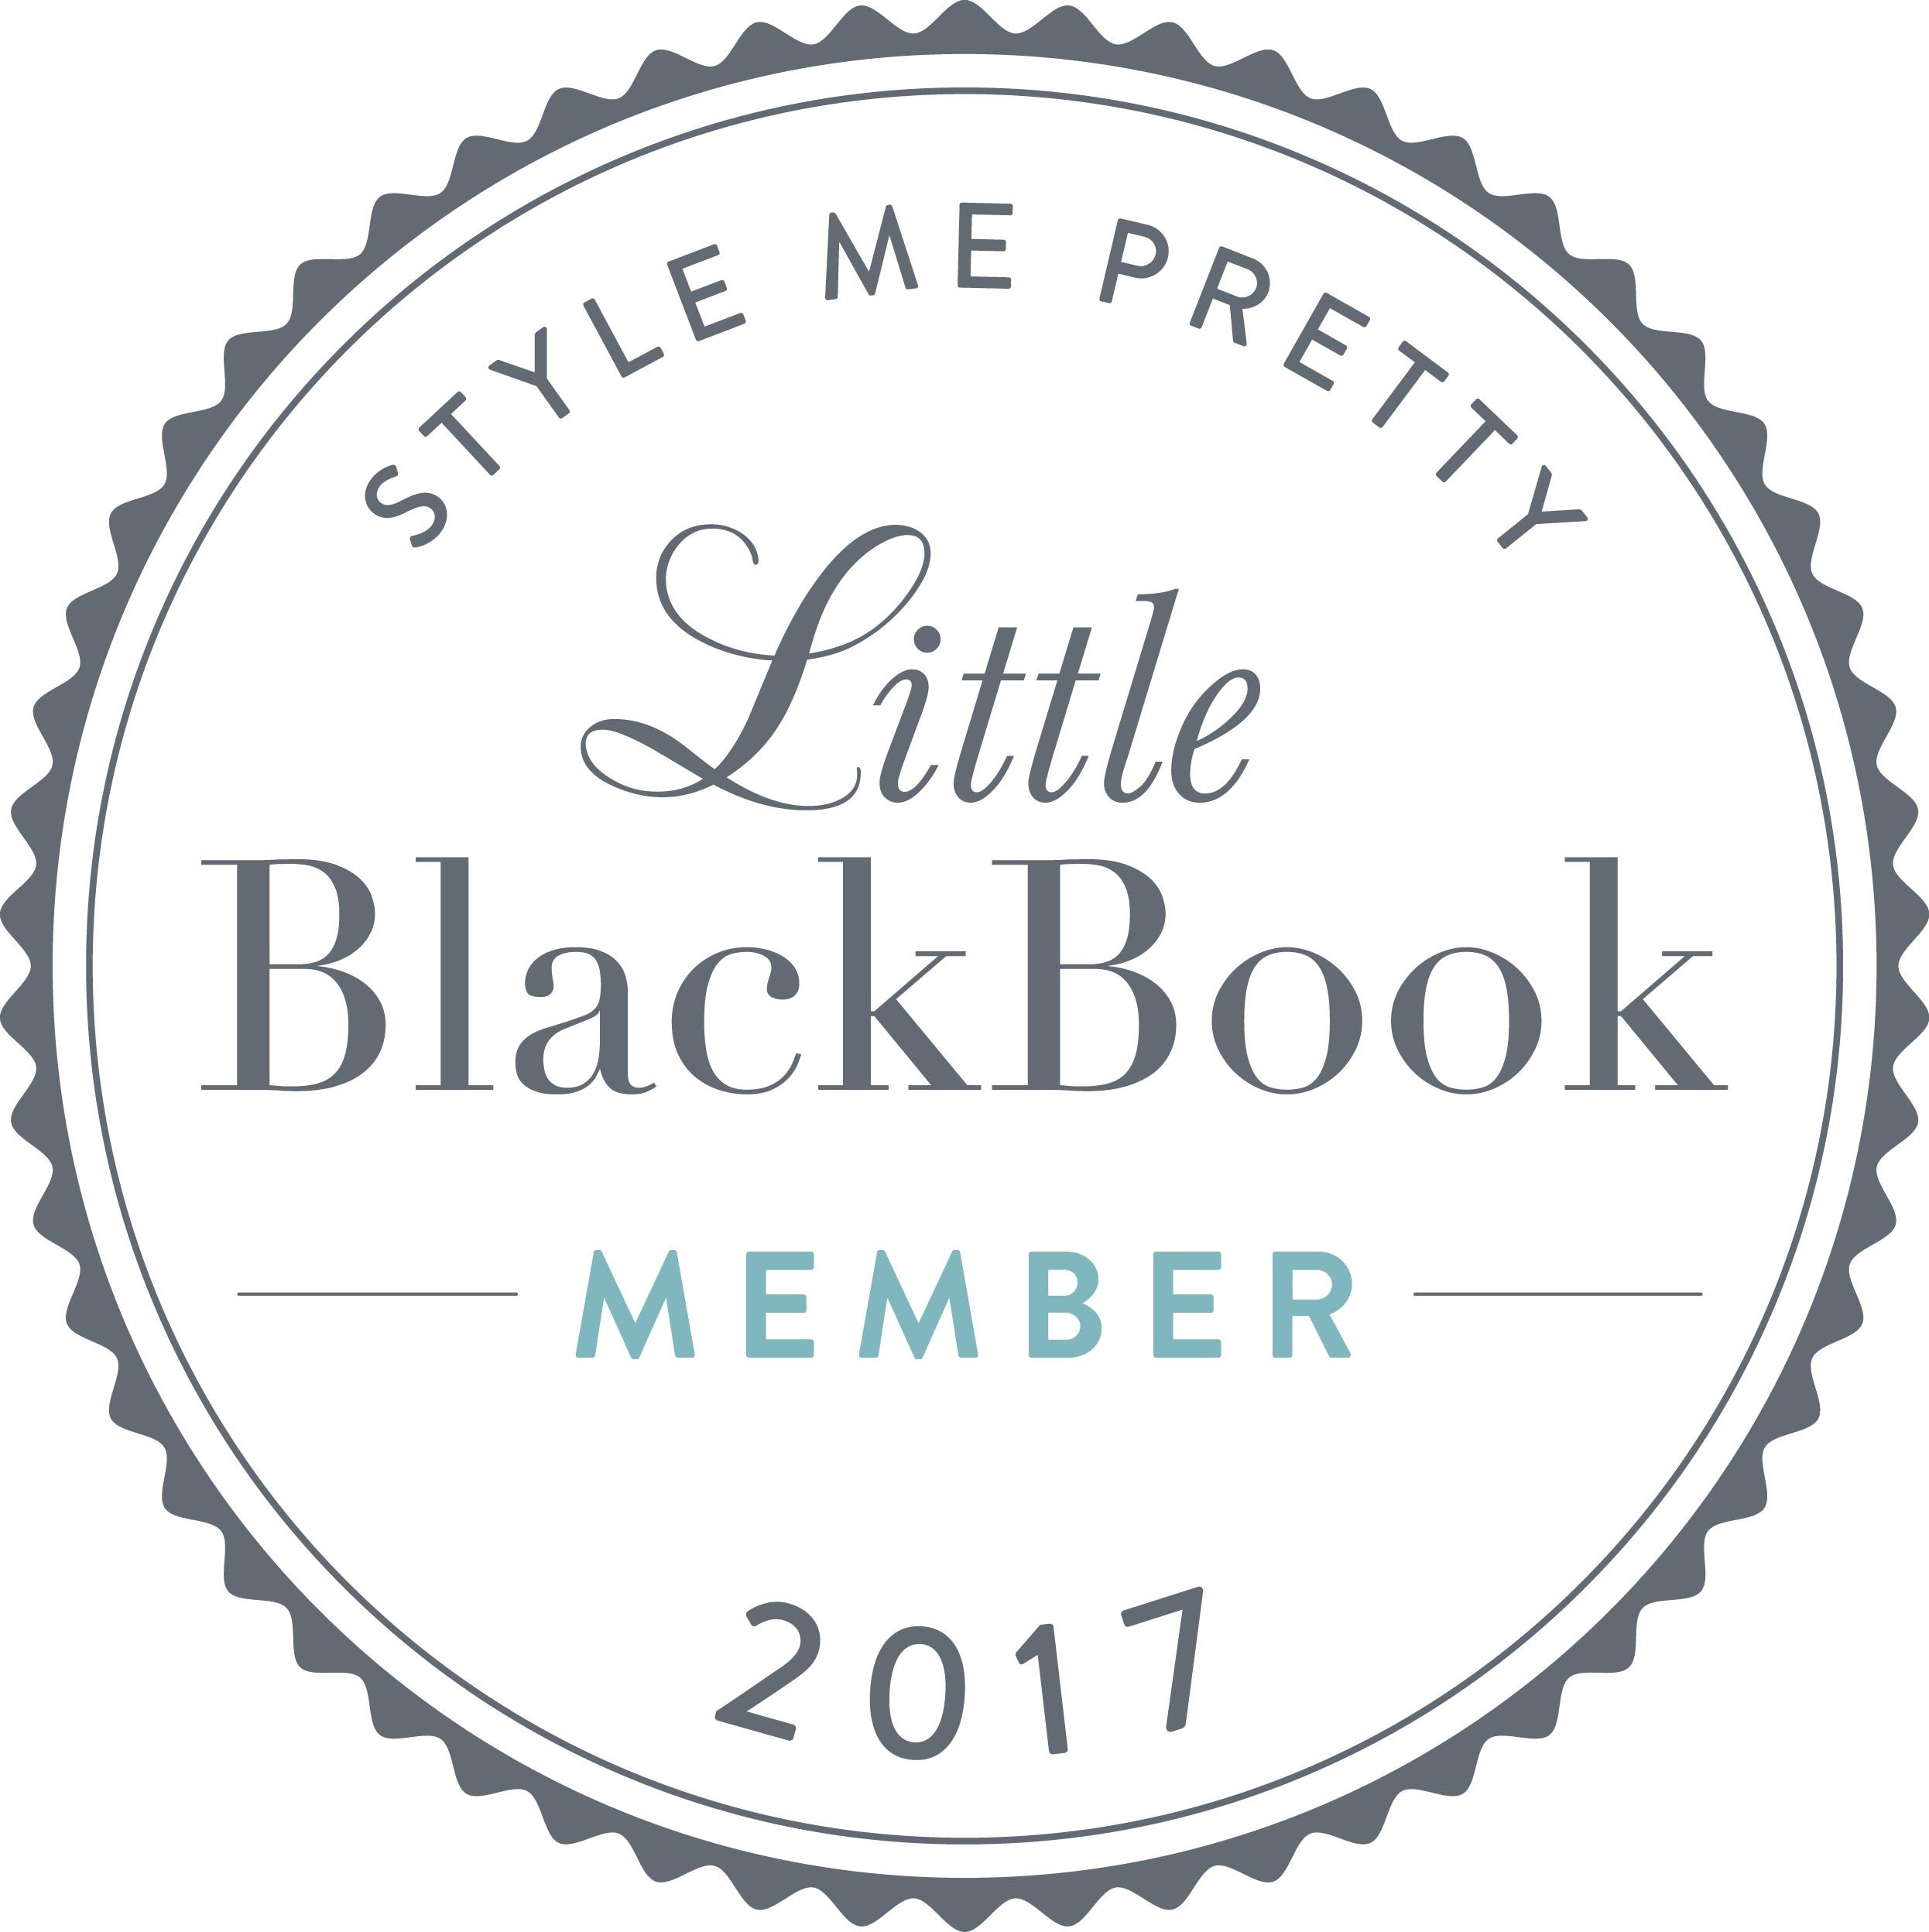 LBB_Member_2017_White.jpg